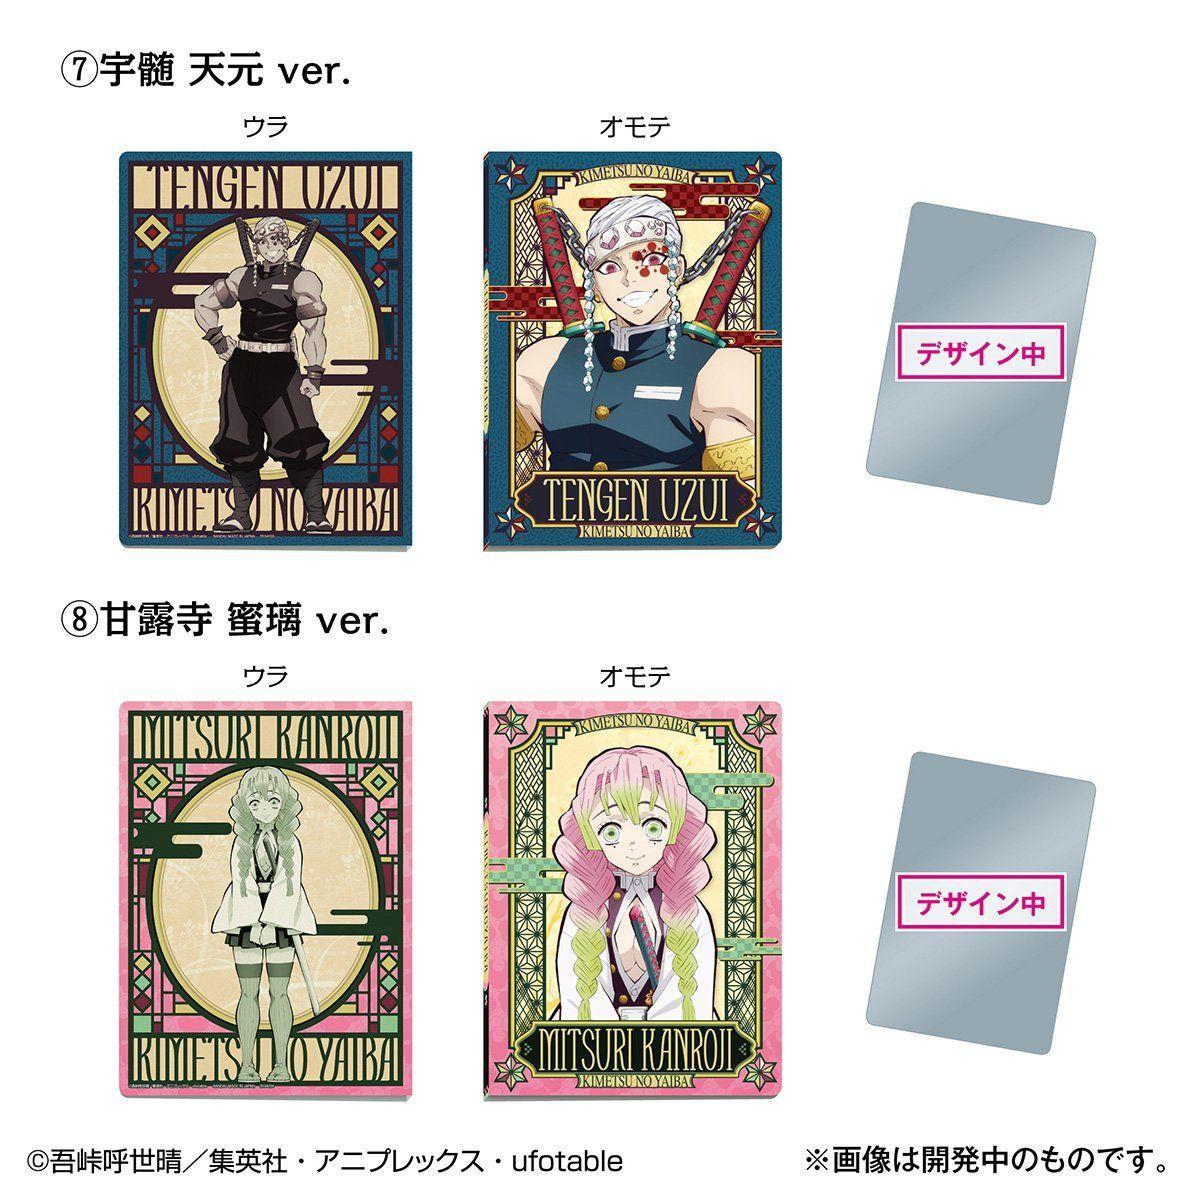 【限定販売】【食玩】『鬼滅の刃ウエハースカードファイル』全14種-006